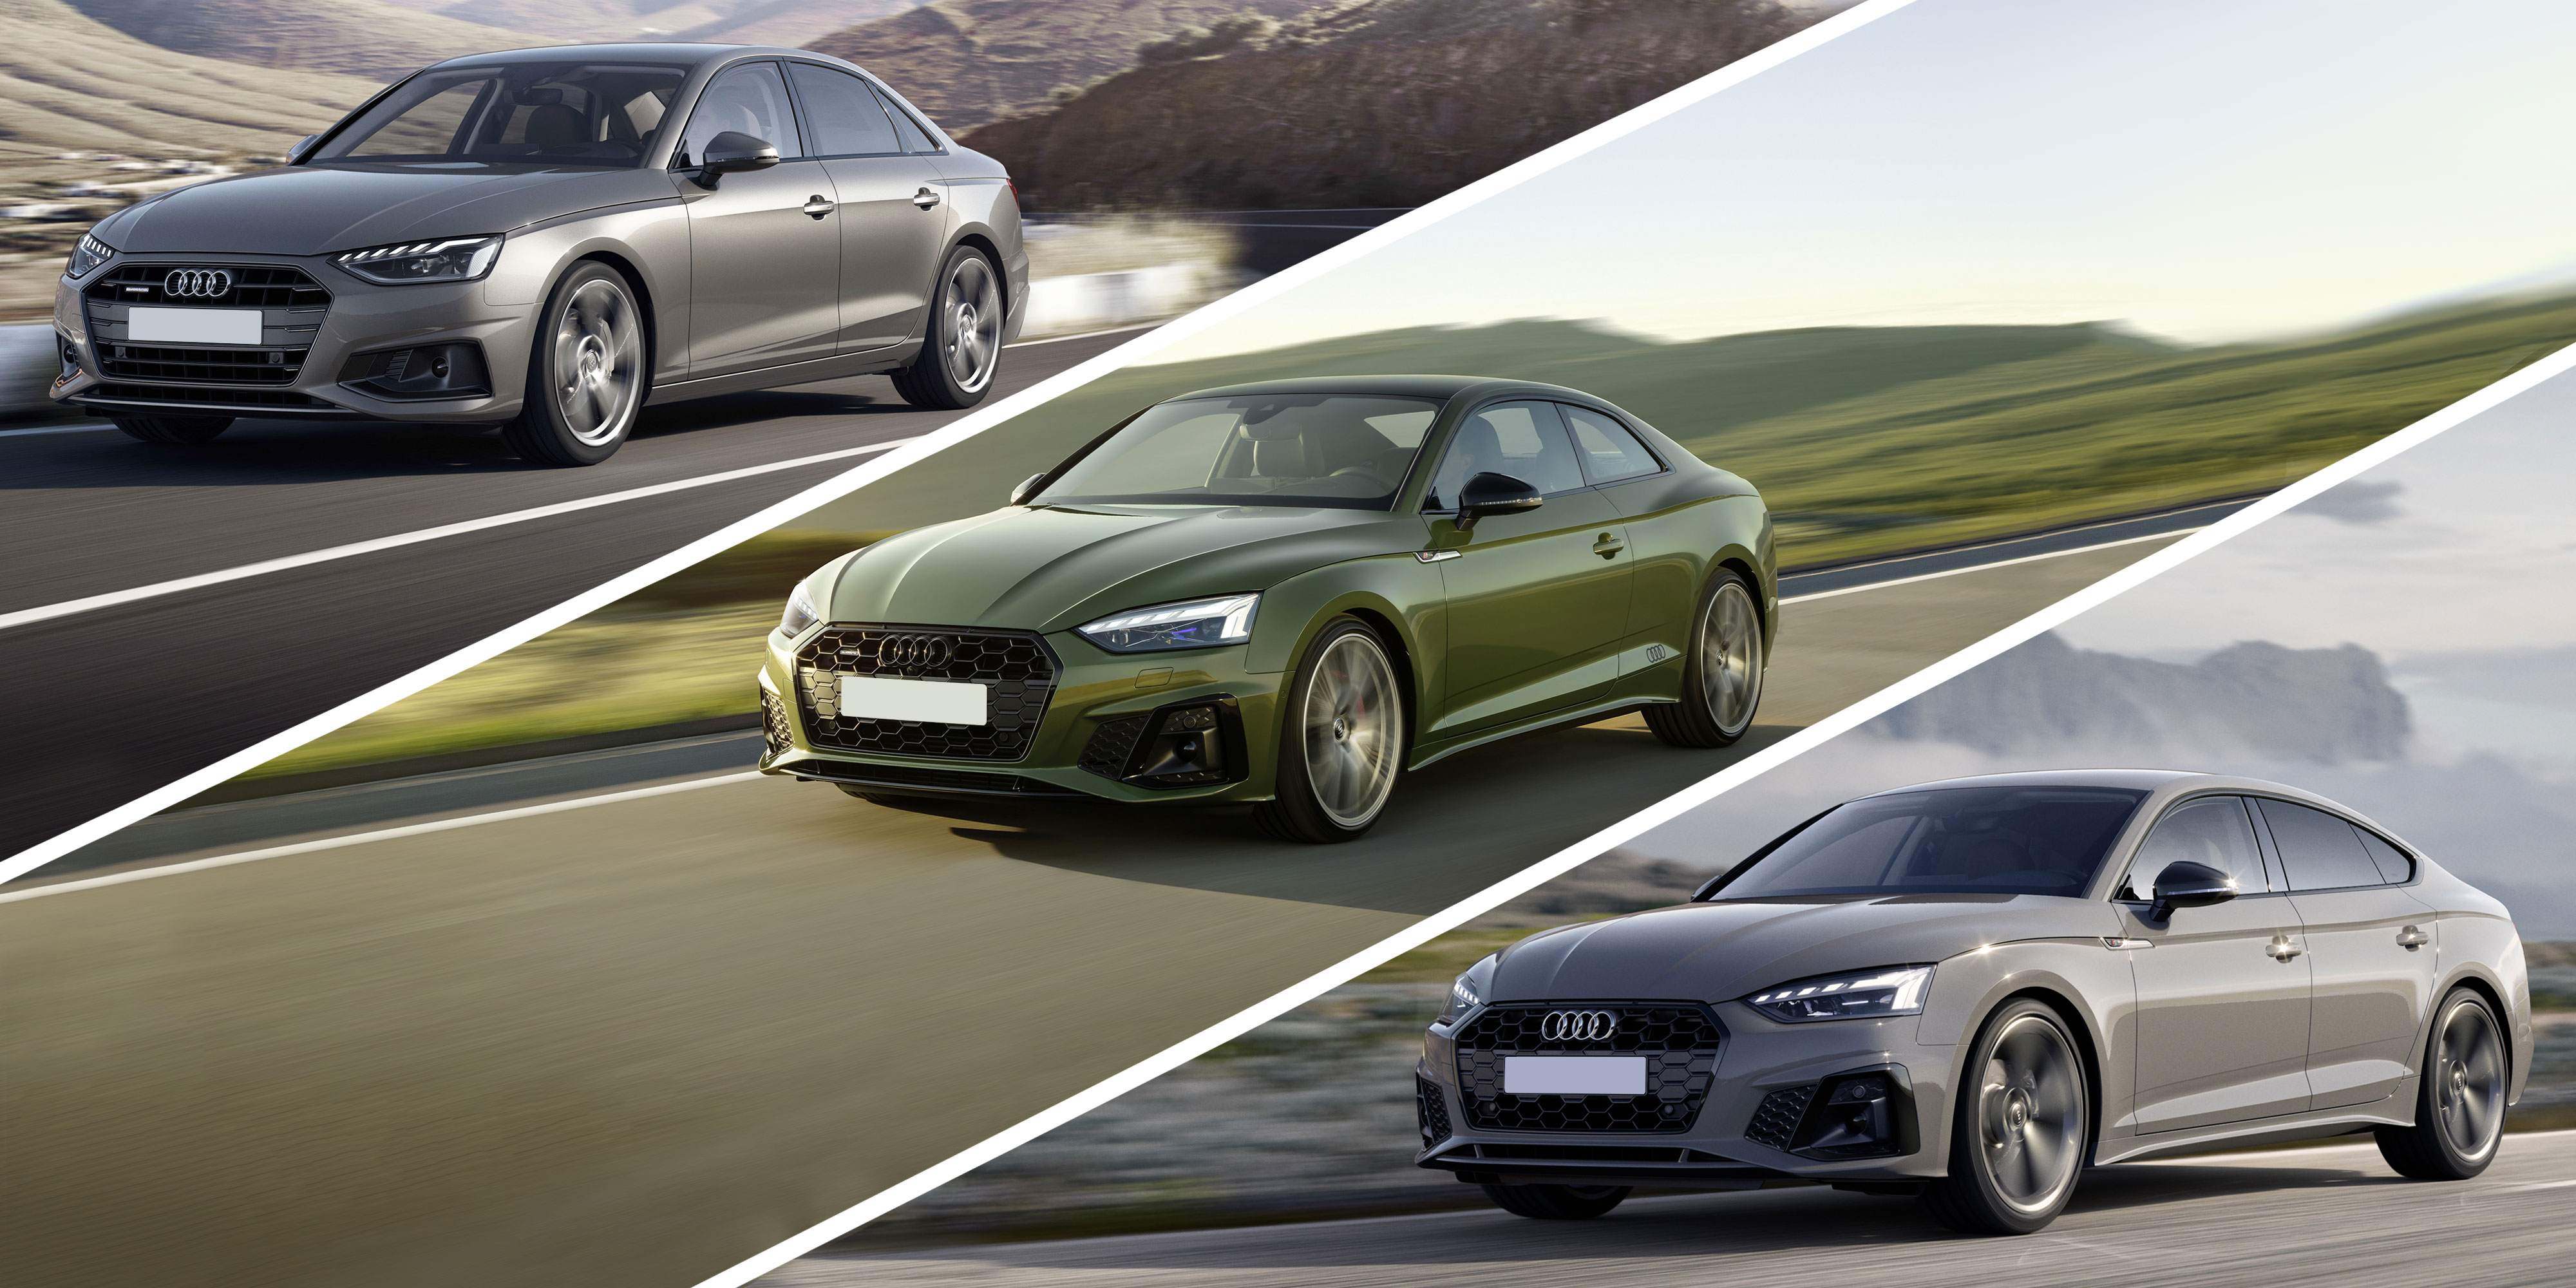 Audi A4 Vs Audi A5 Carwow